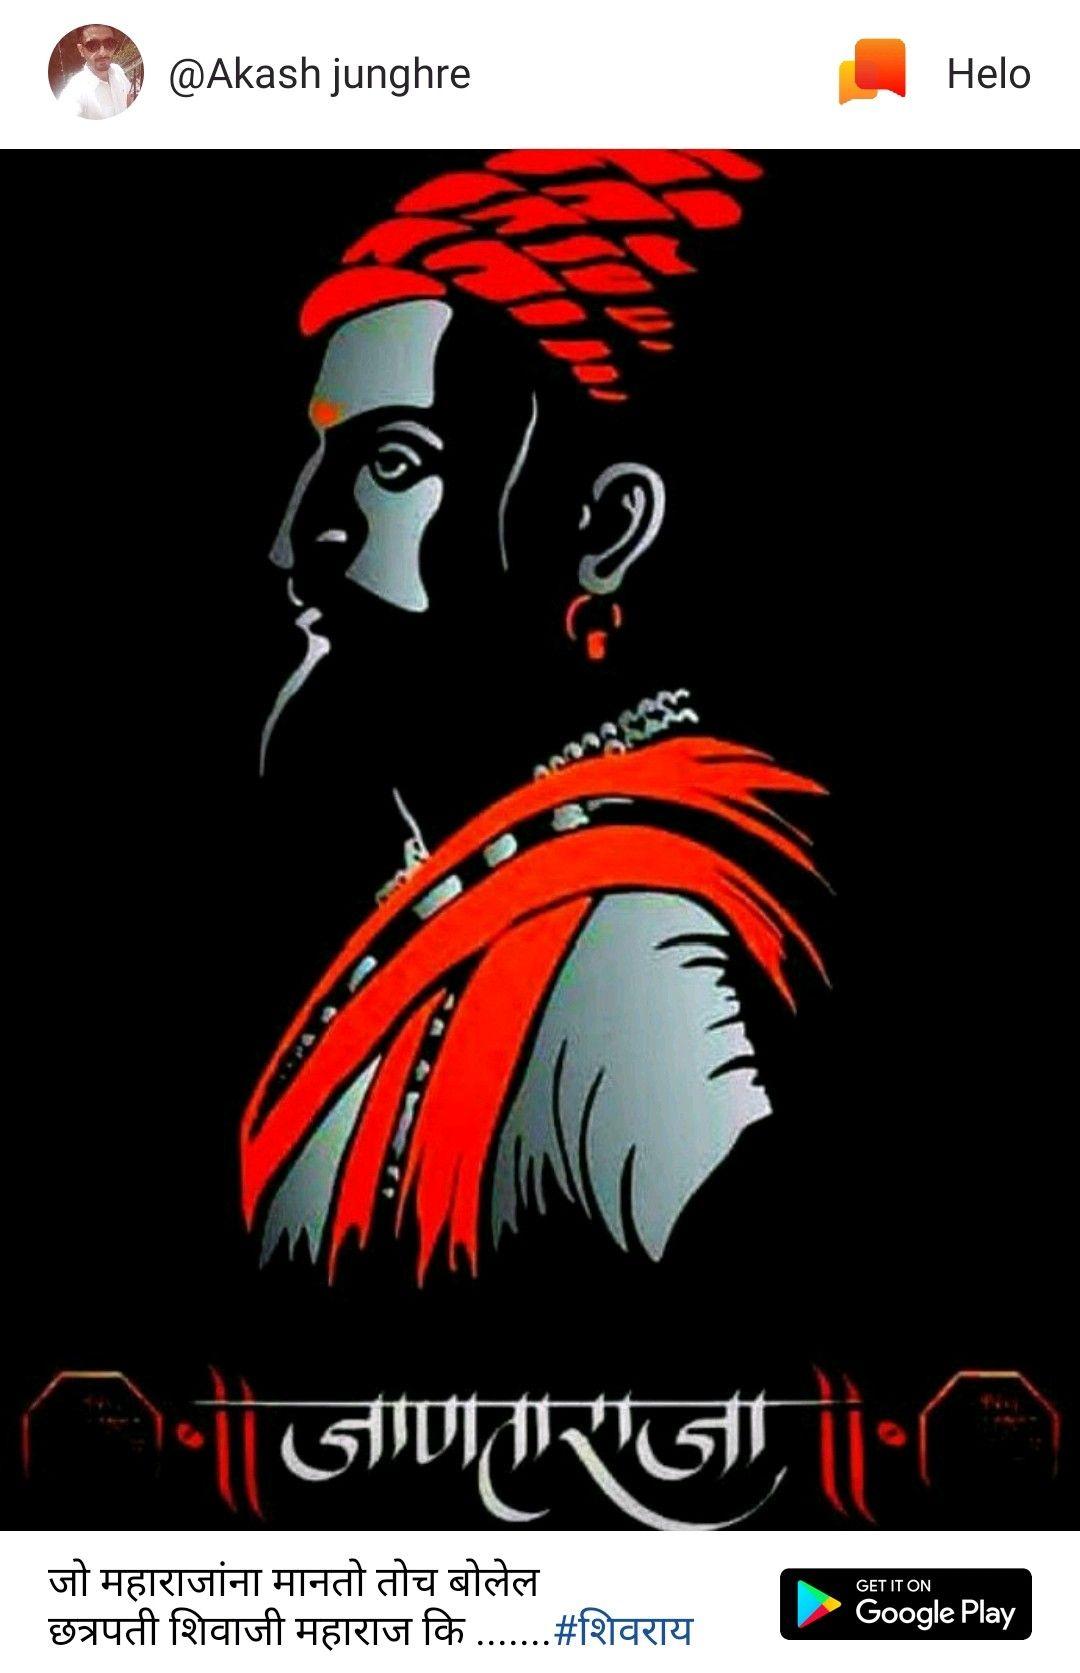 shivaji maharaj photo hd download